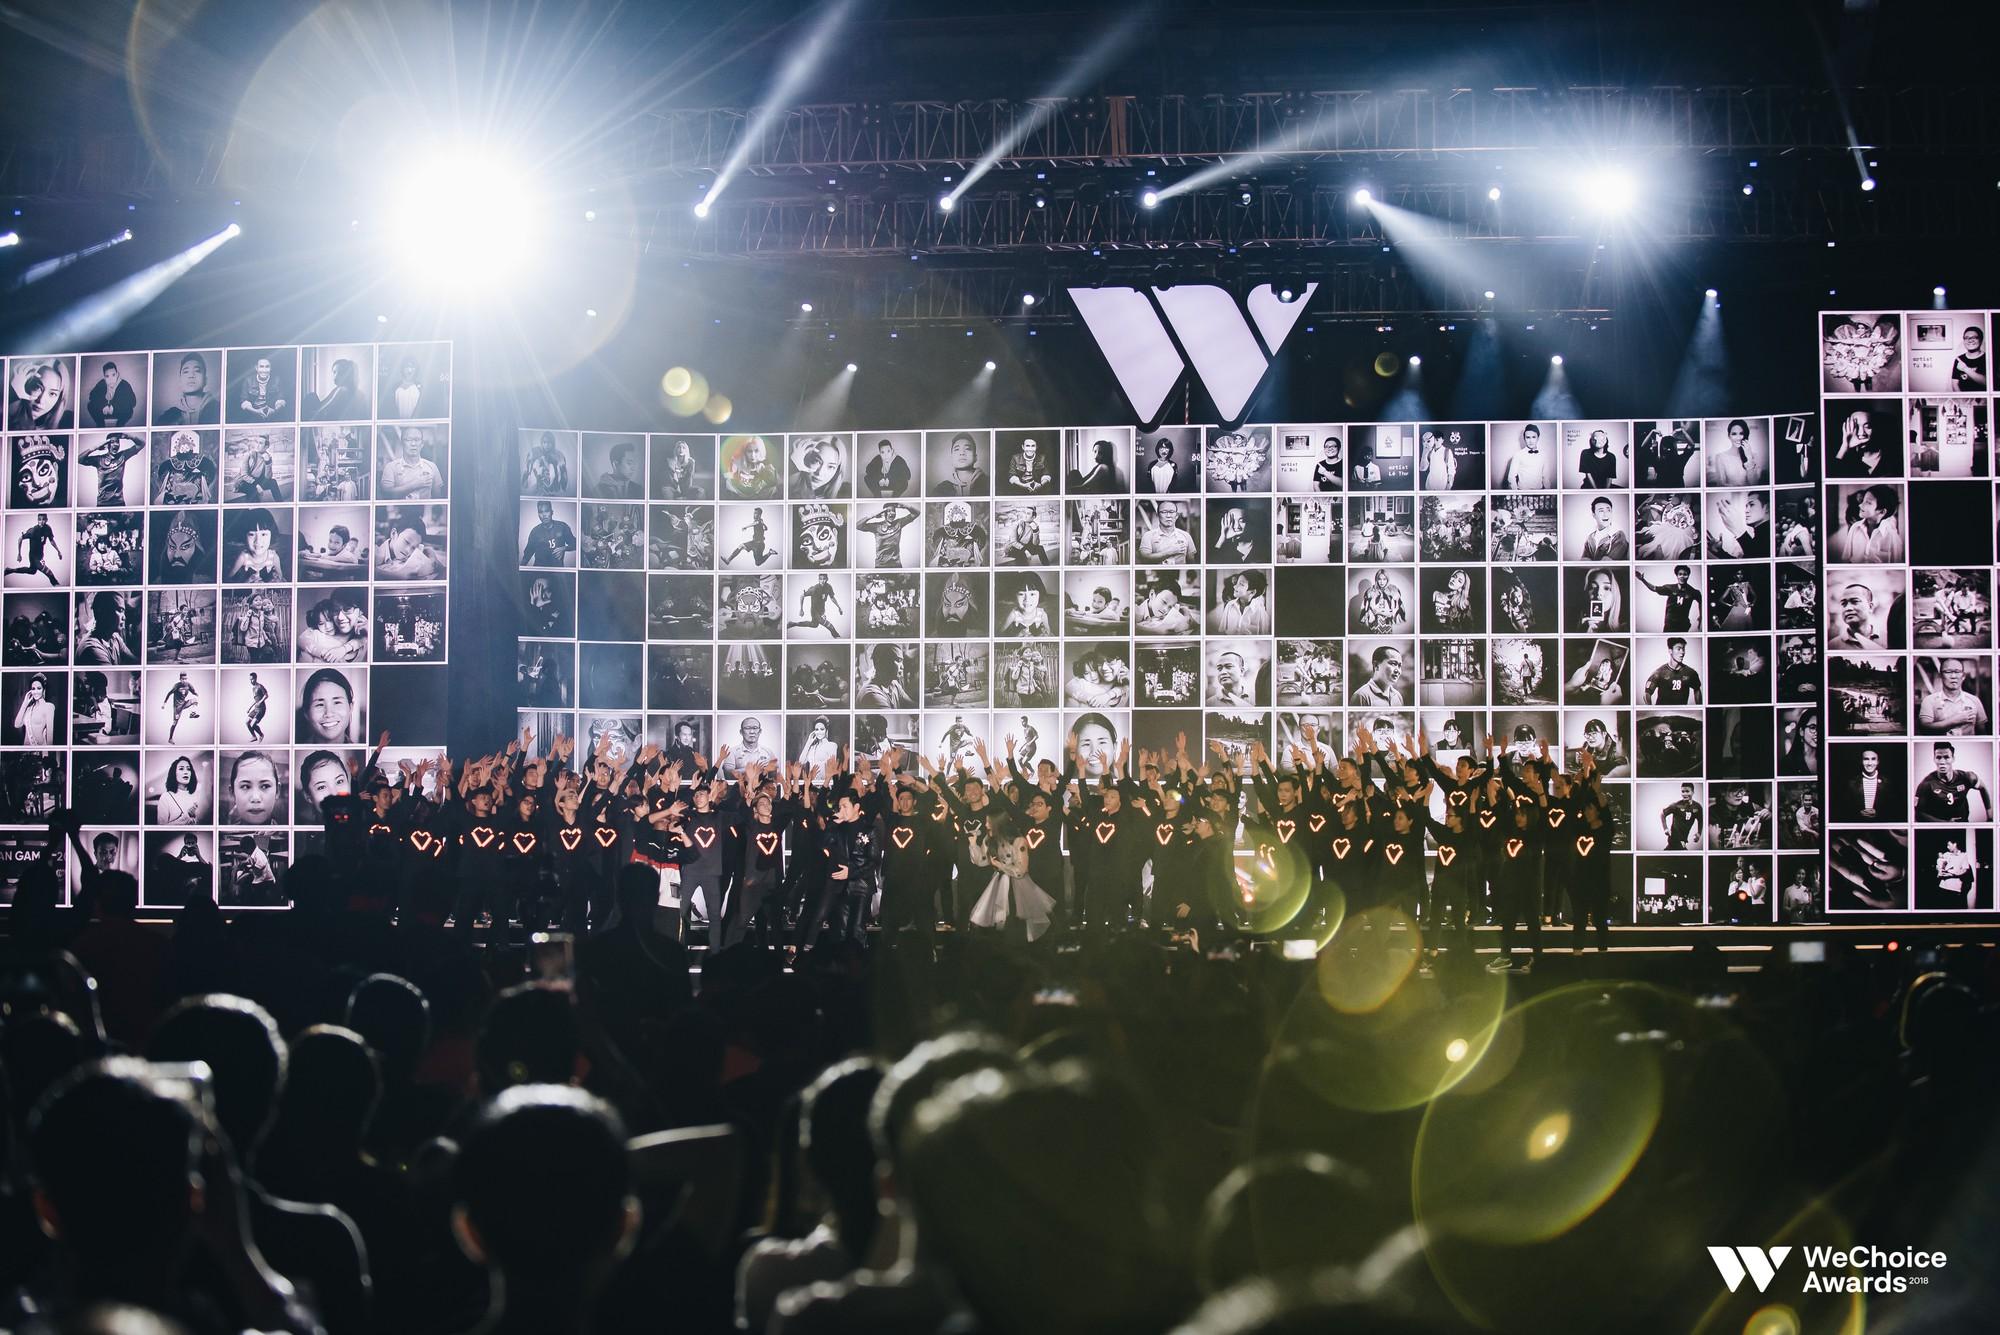 Sân khấu Gala Wechoice Awards 2018: Không chỉ đã tai, đẹp mắt mà còn đầy nghệ thuật và truyền cảm hứng sống - Ảnh 1.